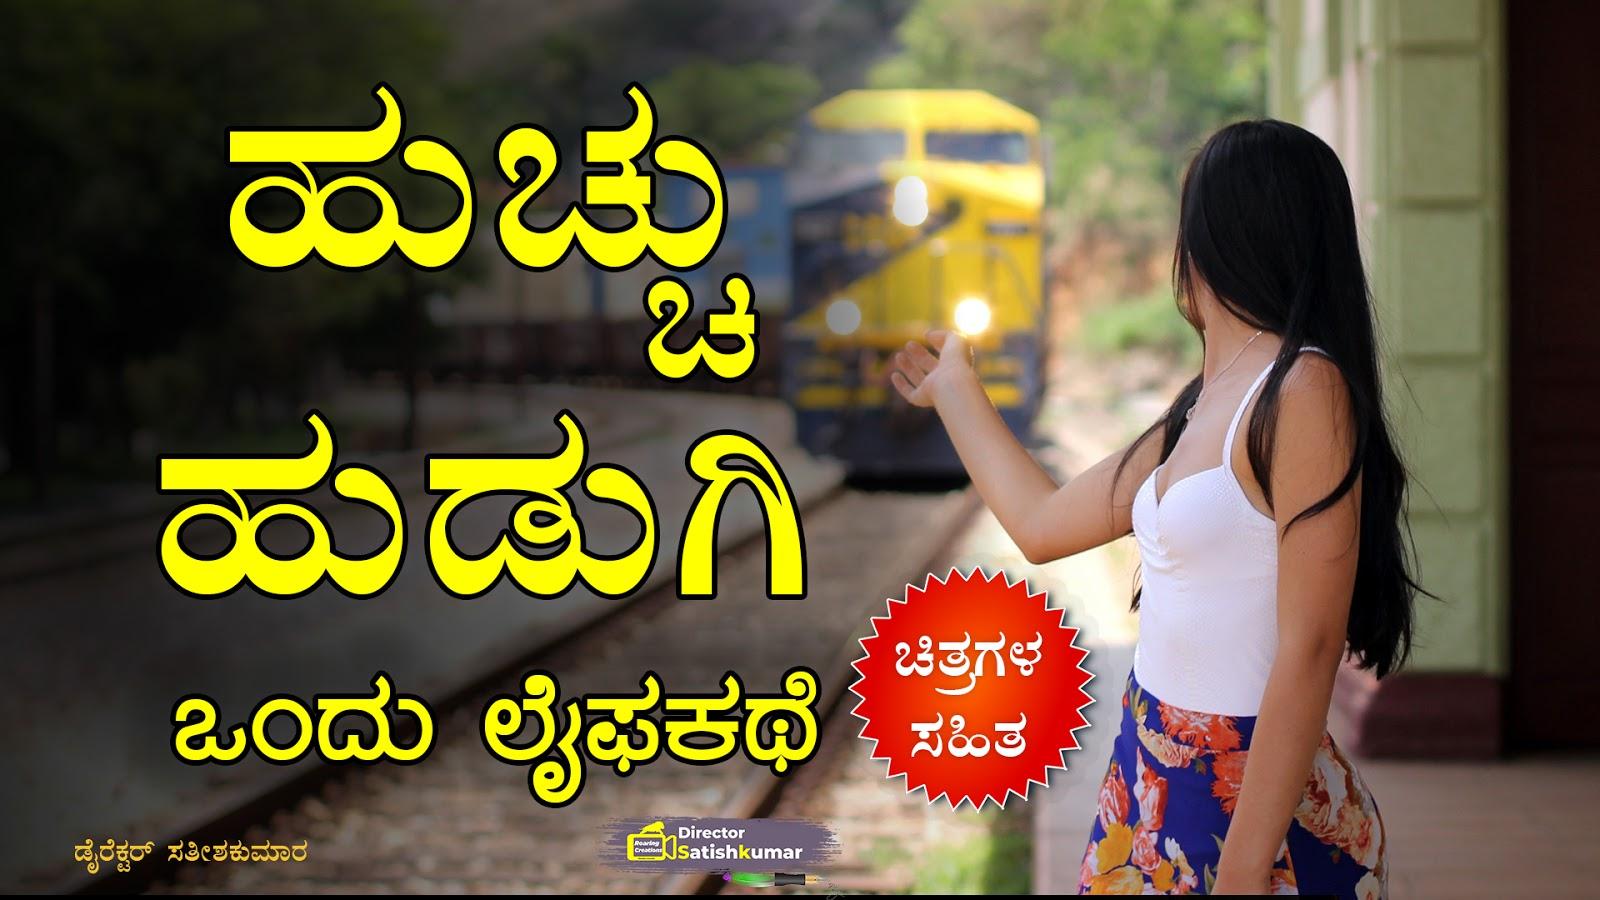 ಹುಚ್ಚು ಹುಡುಗಿ : ಒಂದು ಲೈಫಕಥೆ - Kannada Life Love Story - Love Stories in Kannada - ಕನ್ನಡ ಕಥೆ ಪುಸ್ತಕಗಳು - Kannada Story Books -  E Books Kannada - Kannada Books